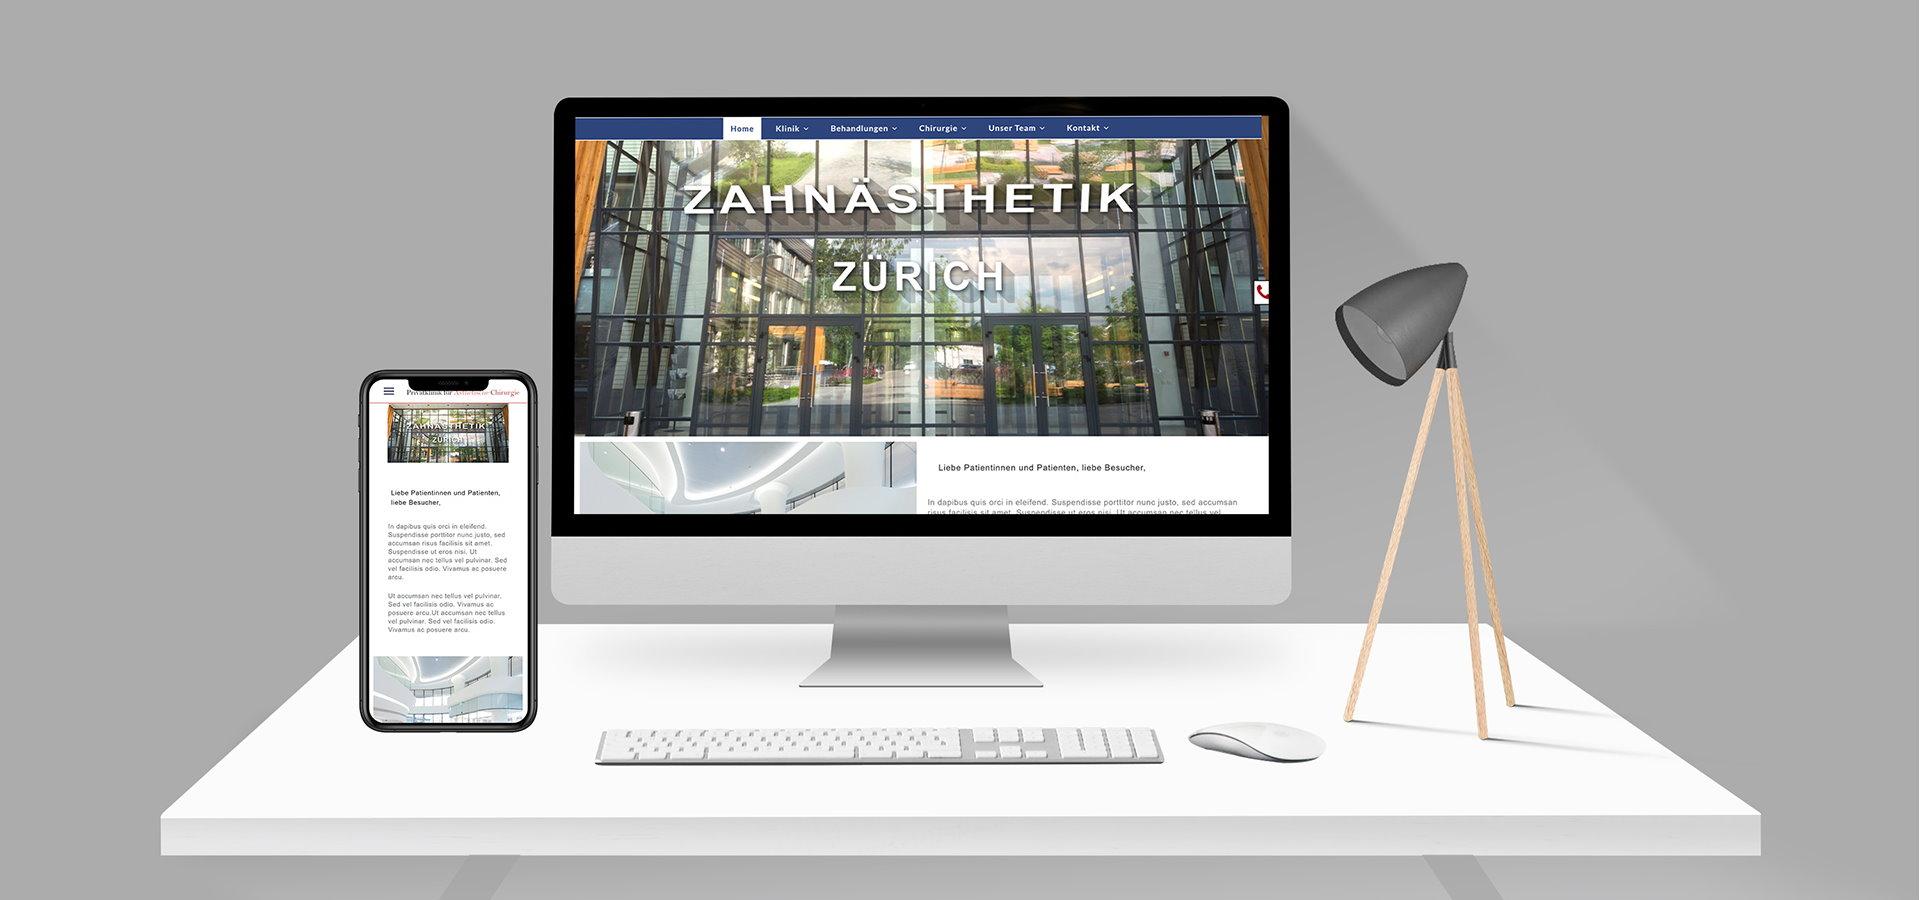 Zahnaesthetik-Zuerich.ch